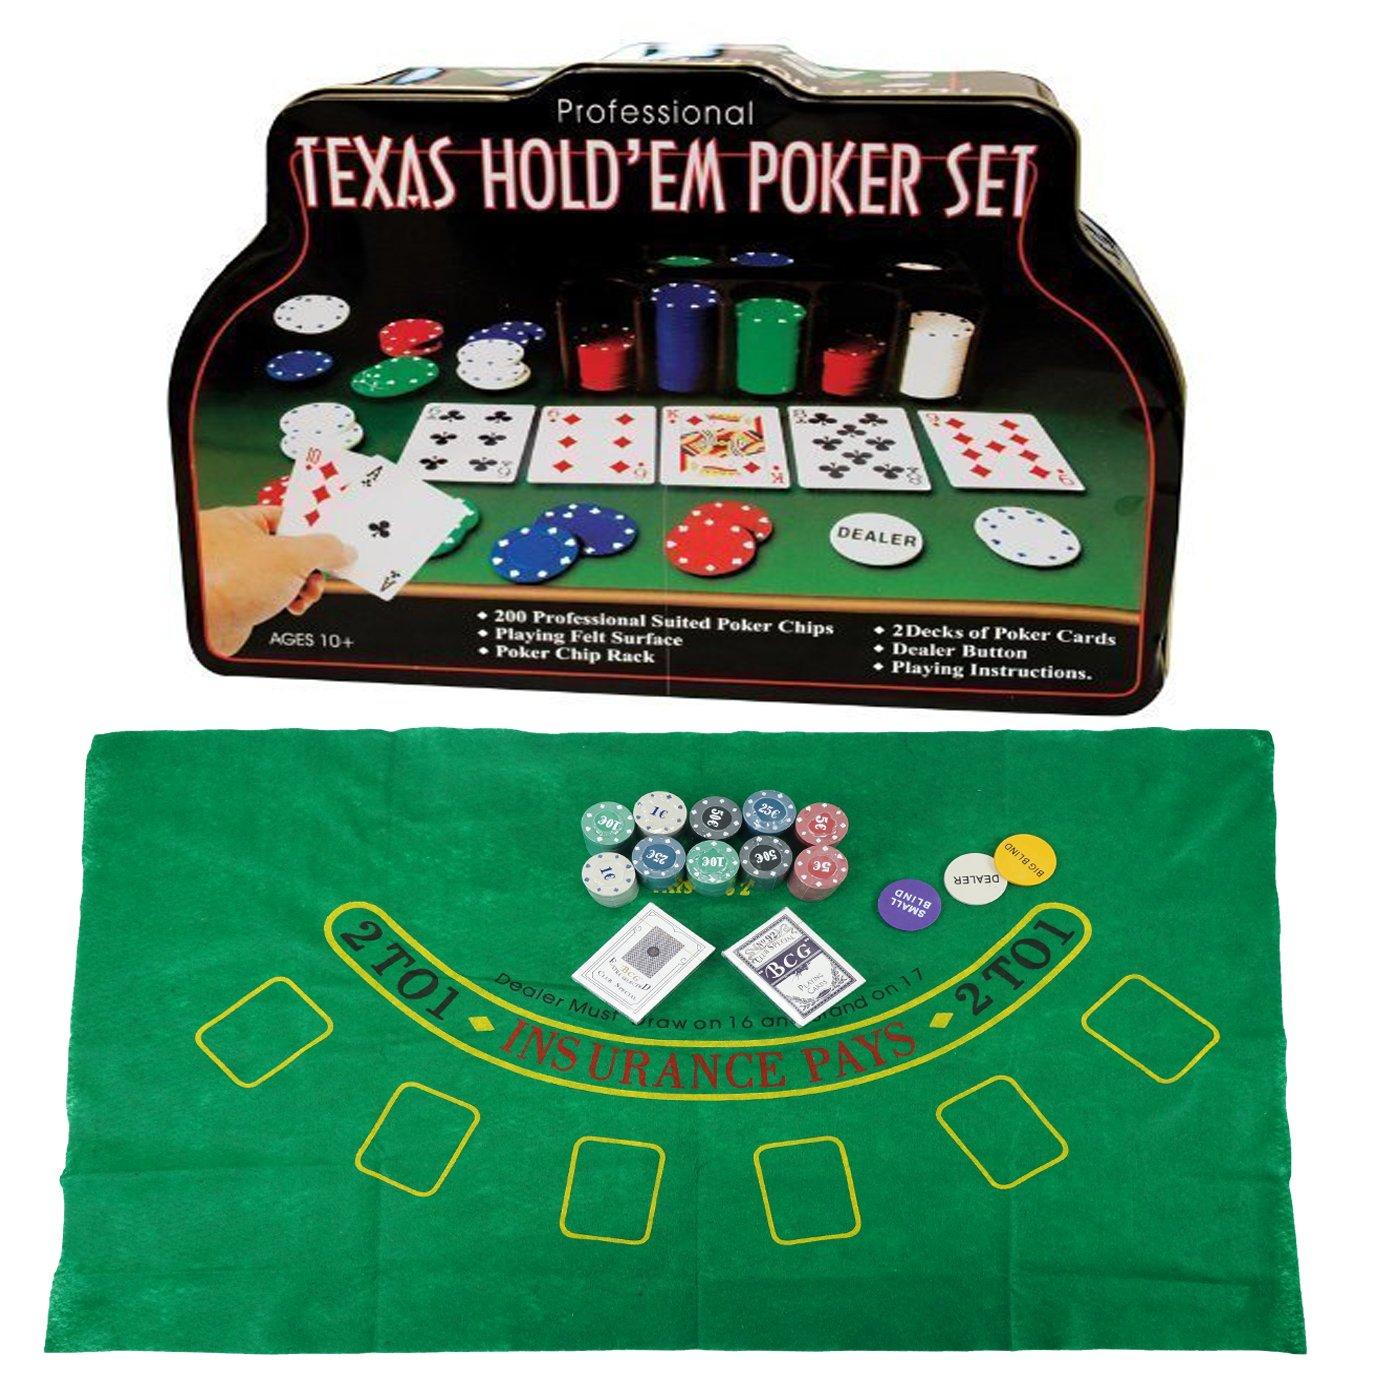 Professional Set de póker Caja de Metal, 200 fichas de póker, 2 Cubiertas, botón de repartidor, ciega pequeña, Gran ciega, tapete de Juego TODA MENAJE AL MAYOR S.L.U